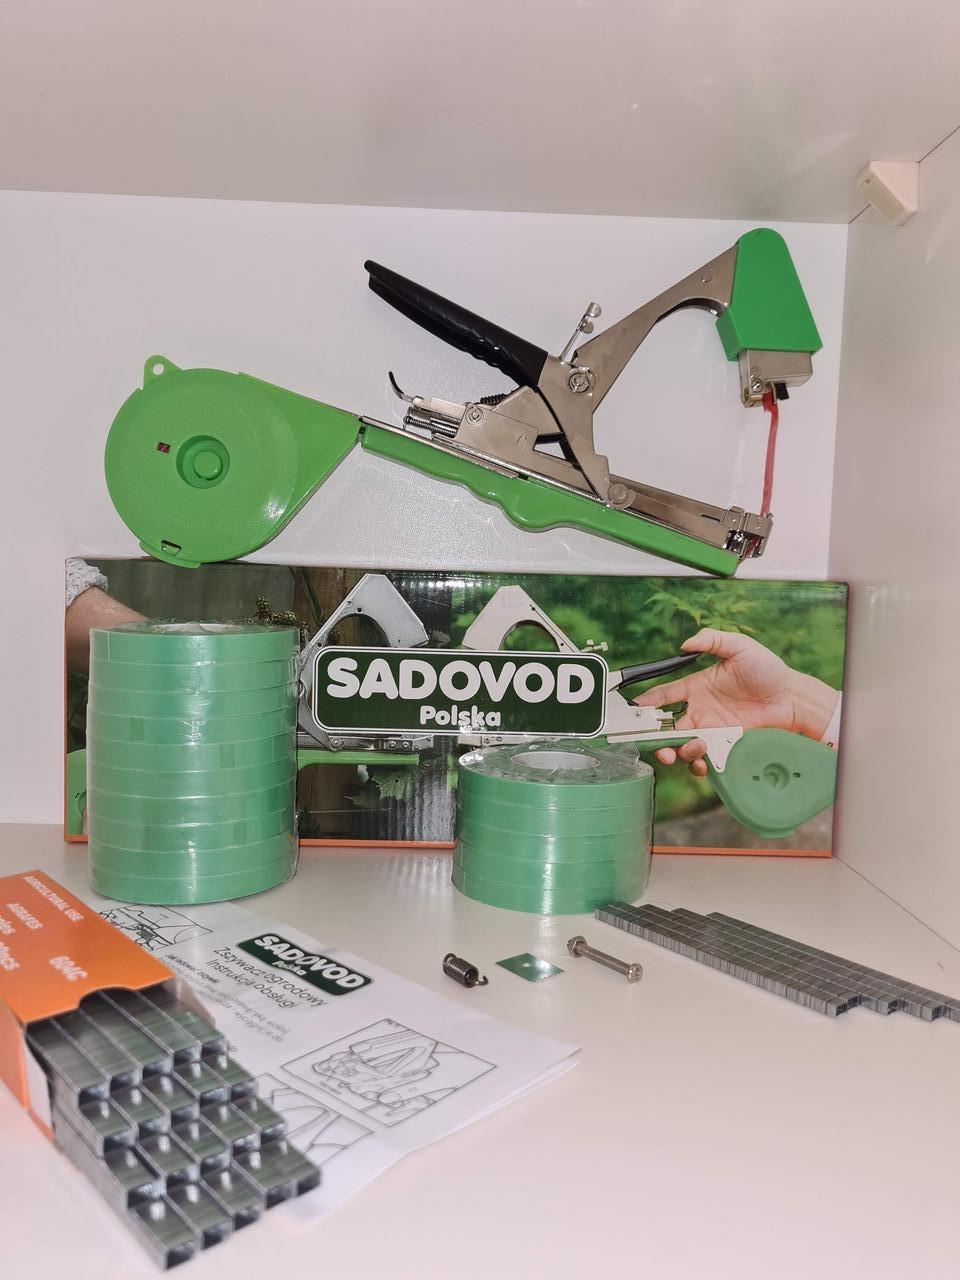 🔝 ПРОФІ НАБІР для підв'язки рослин SADOVOD: тапенер, 🟢стрічка 15 мотків/150мкм + 10000 скоб